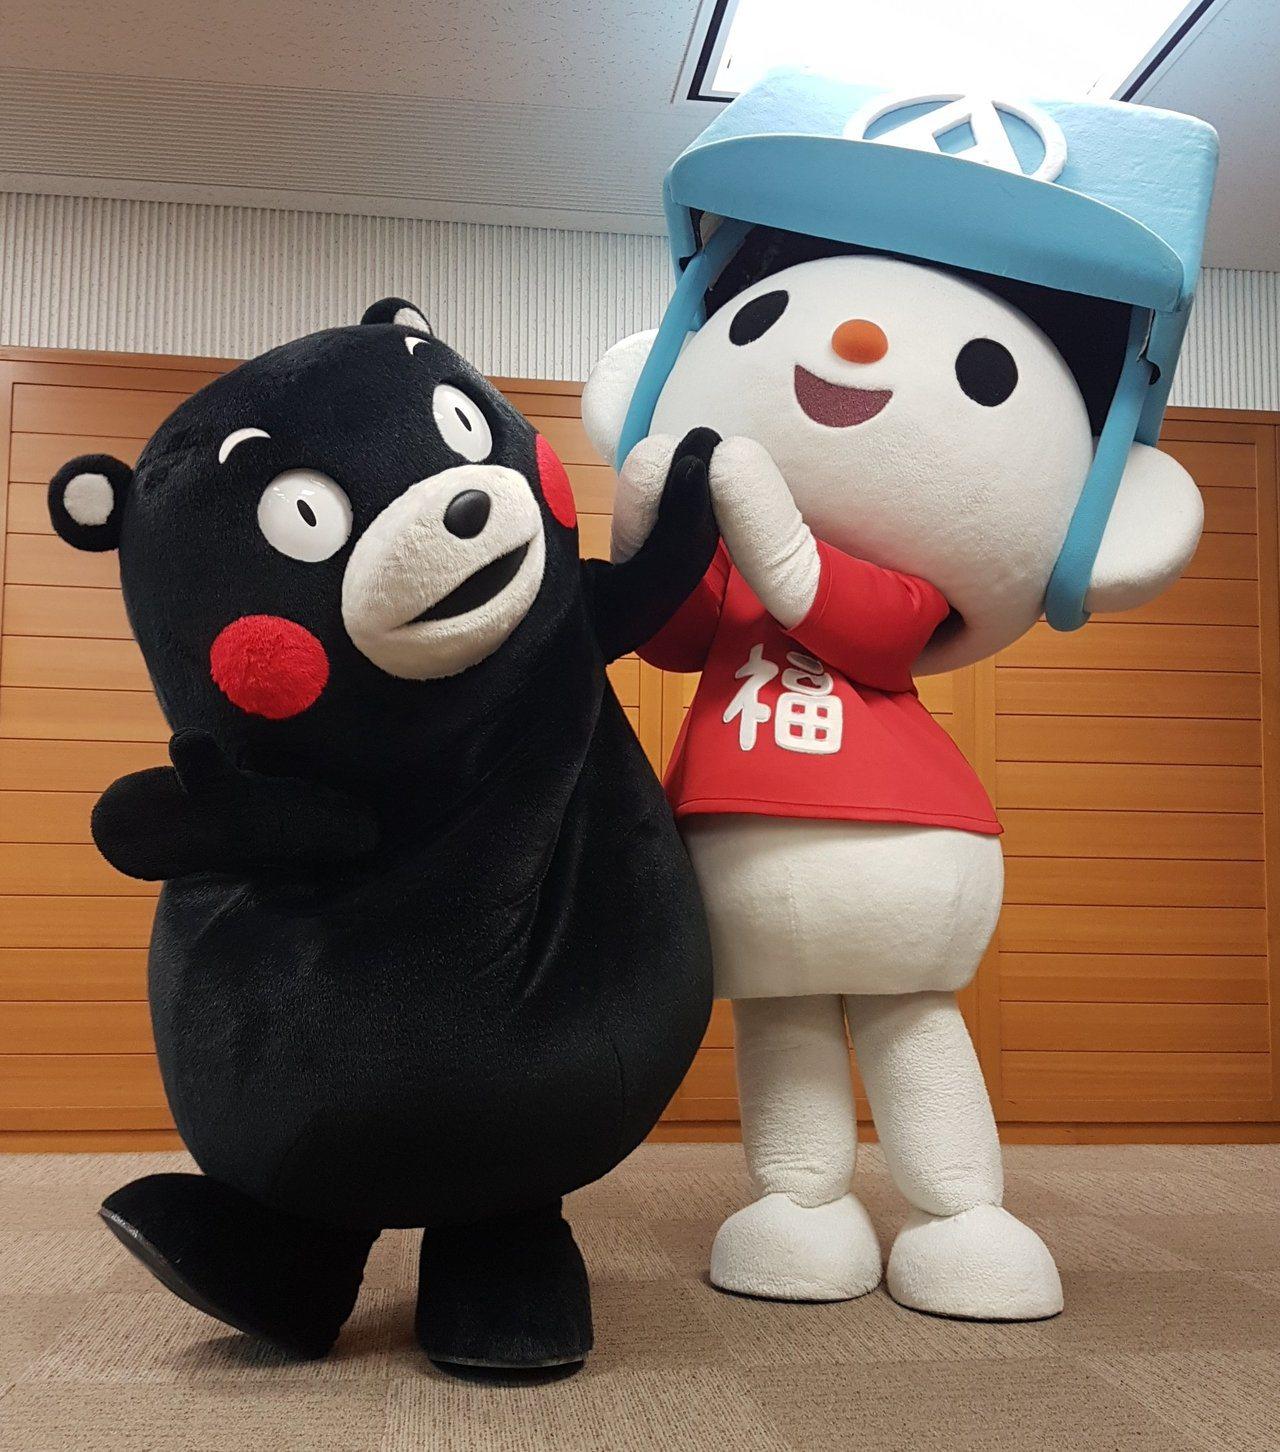 台灣超偶全聯福利中心的福利熊日前前往九州參訪與熊本酷MA萌首次相見歡。圖/記者何...